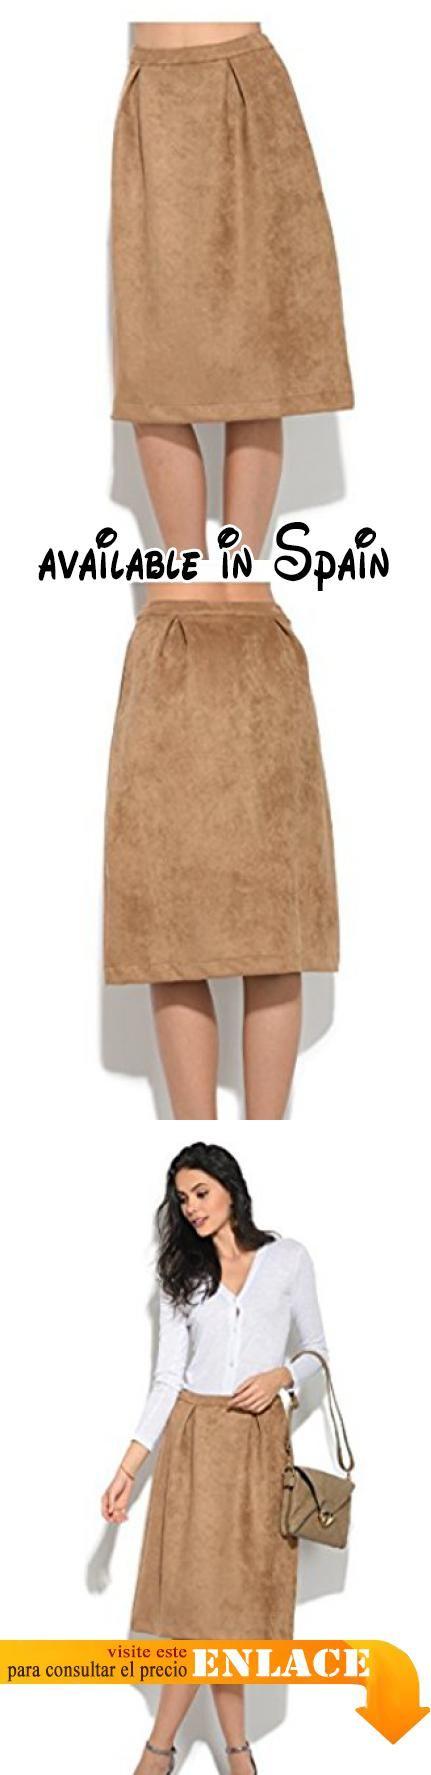 B075SKRJ78 : Orfeo - Falda RITA - Mujer - M - Beige. Falda plisada en la cintura. Cierre con cremallera. 2 Bolsillos. Longitud 68cm